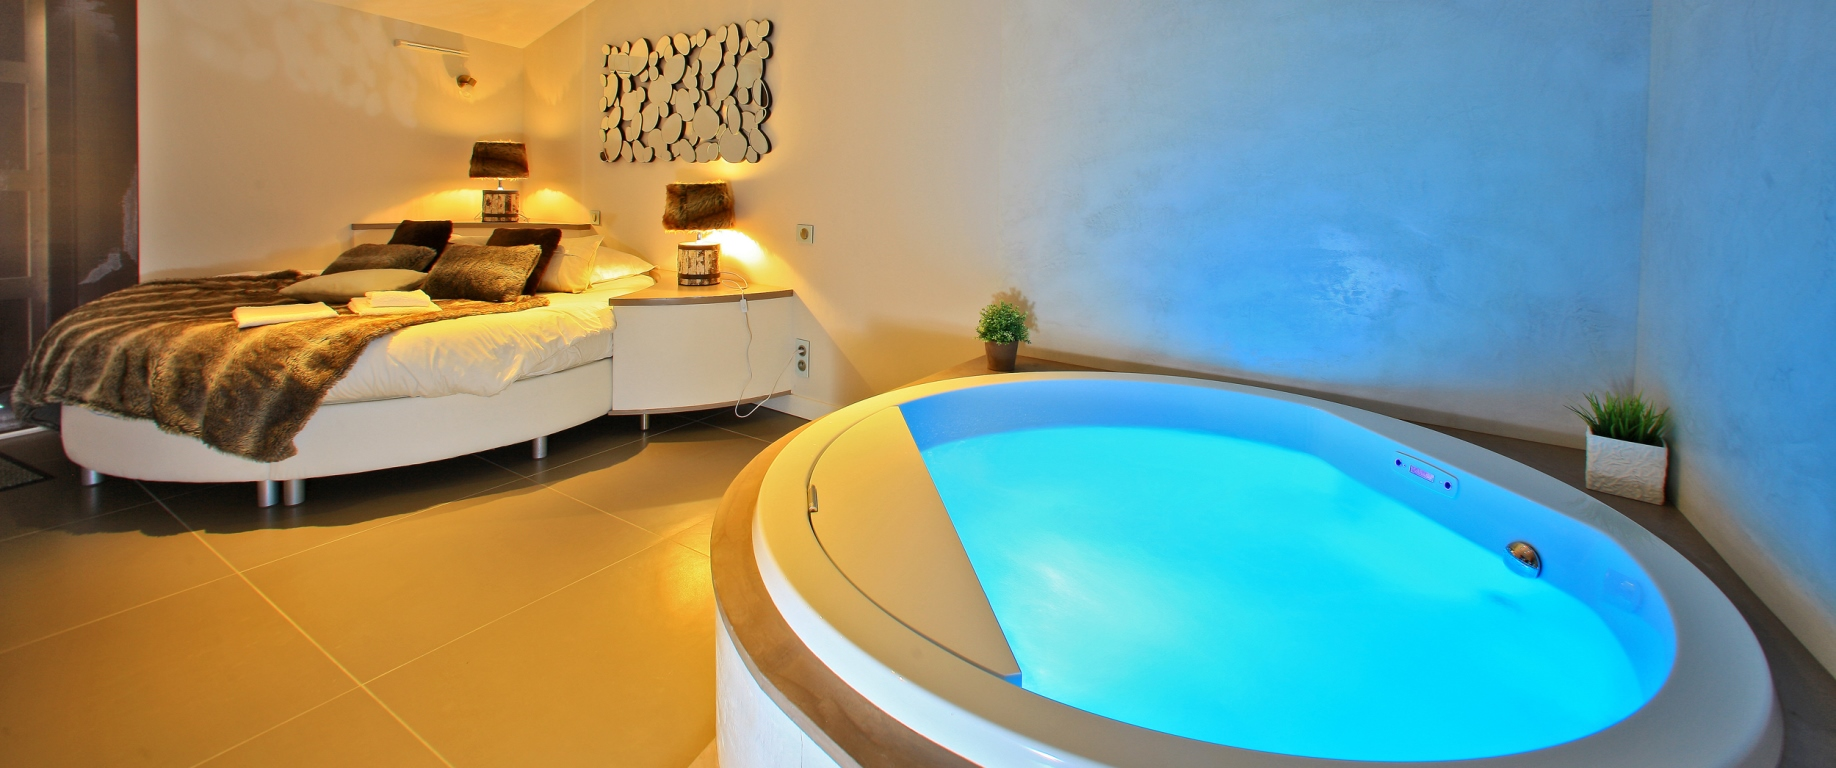 chambre avec baignoire balnéothérapie spa lit rond en vendée